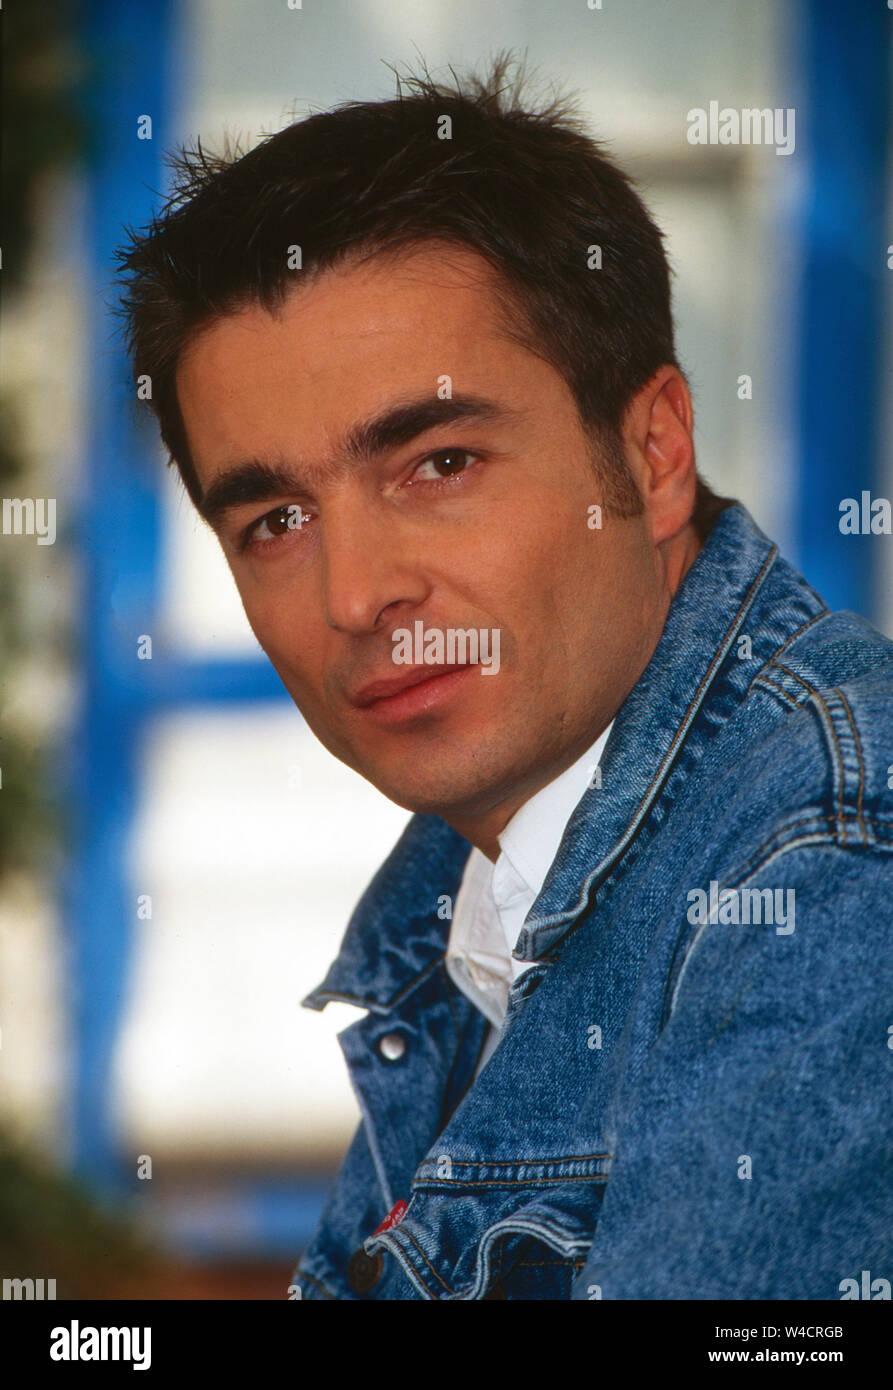 """Stefan Gubser, Schweizer Schauspieler, in der Fernsehserie """"Kurklinik Rosenau"""", Deutschland 1996. Swiss actor Stefan Gubser from the TV series """"Kurklinik Rosenau"""", Germany 1996. Stock Photo"""